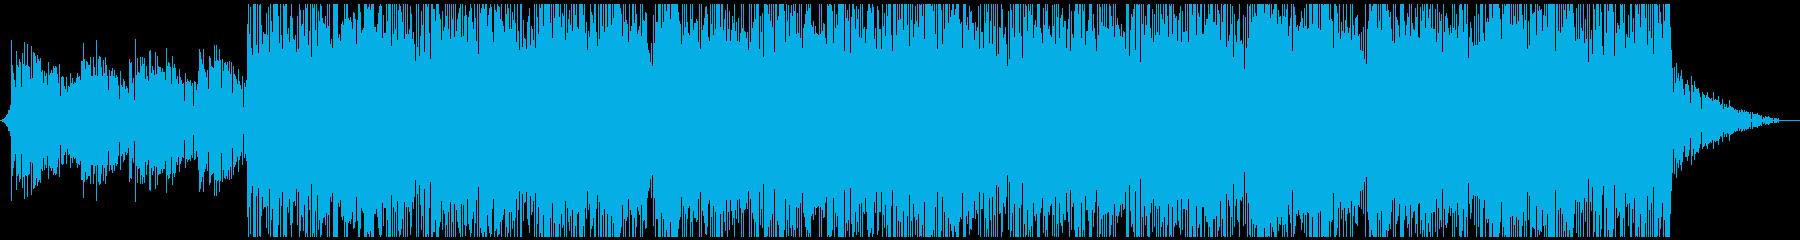 実験的な 淡々 テクノロジー リラ...の再生済みの波形